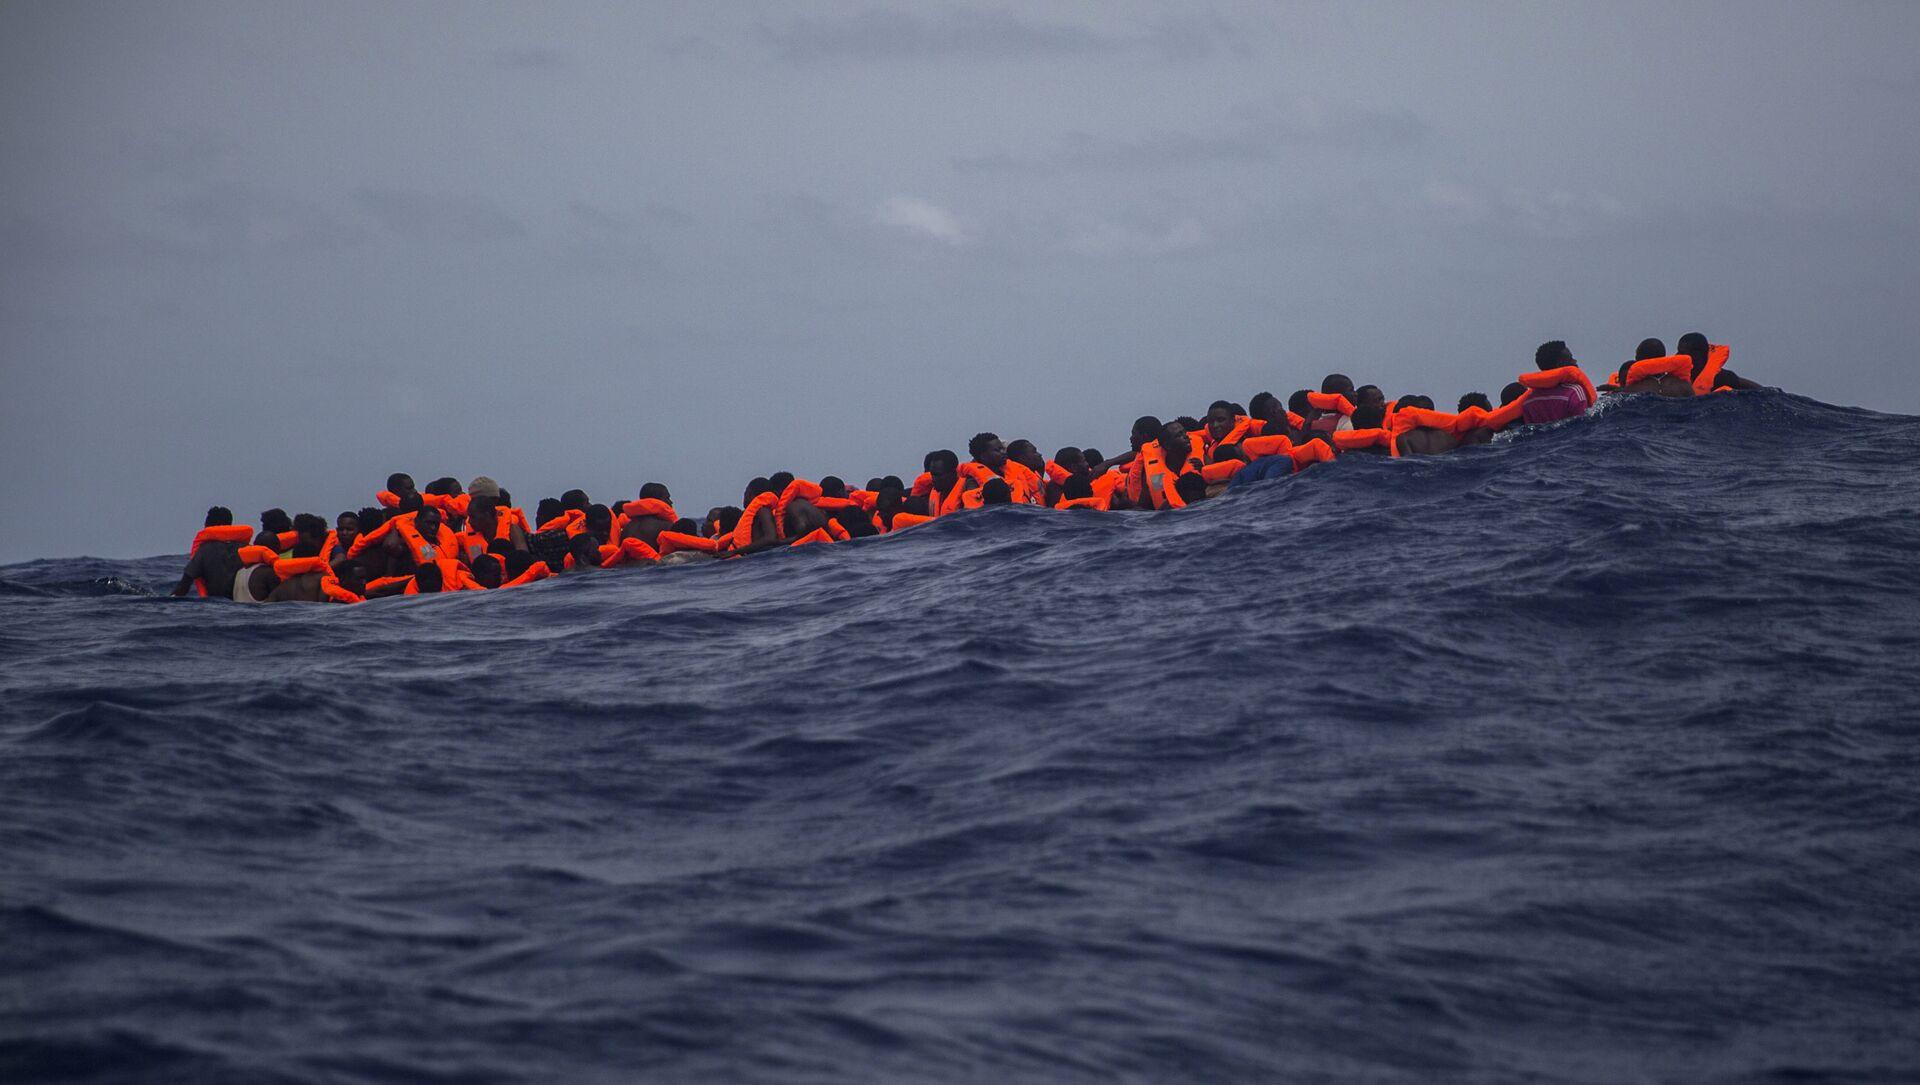 Inmigrantes  esperan ser rescatados en la mitad del mar Mediterráneo - Sputnik Mundo, 1920, 20.08.2020